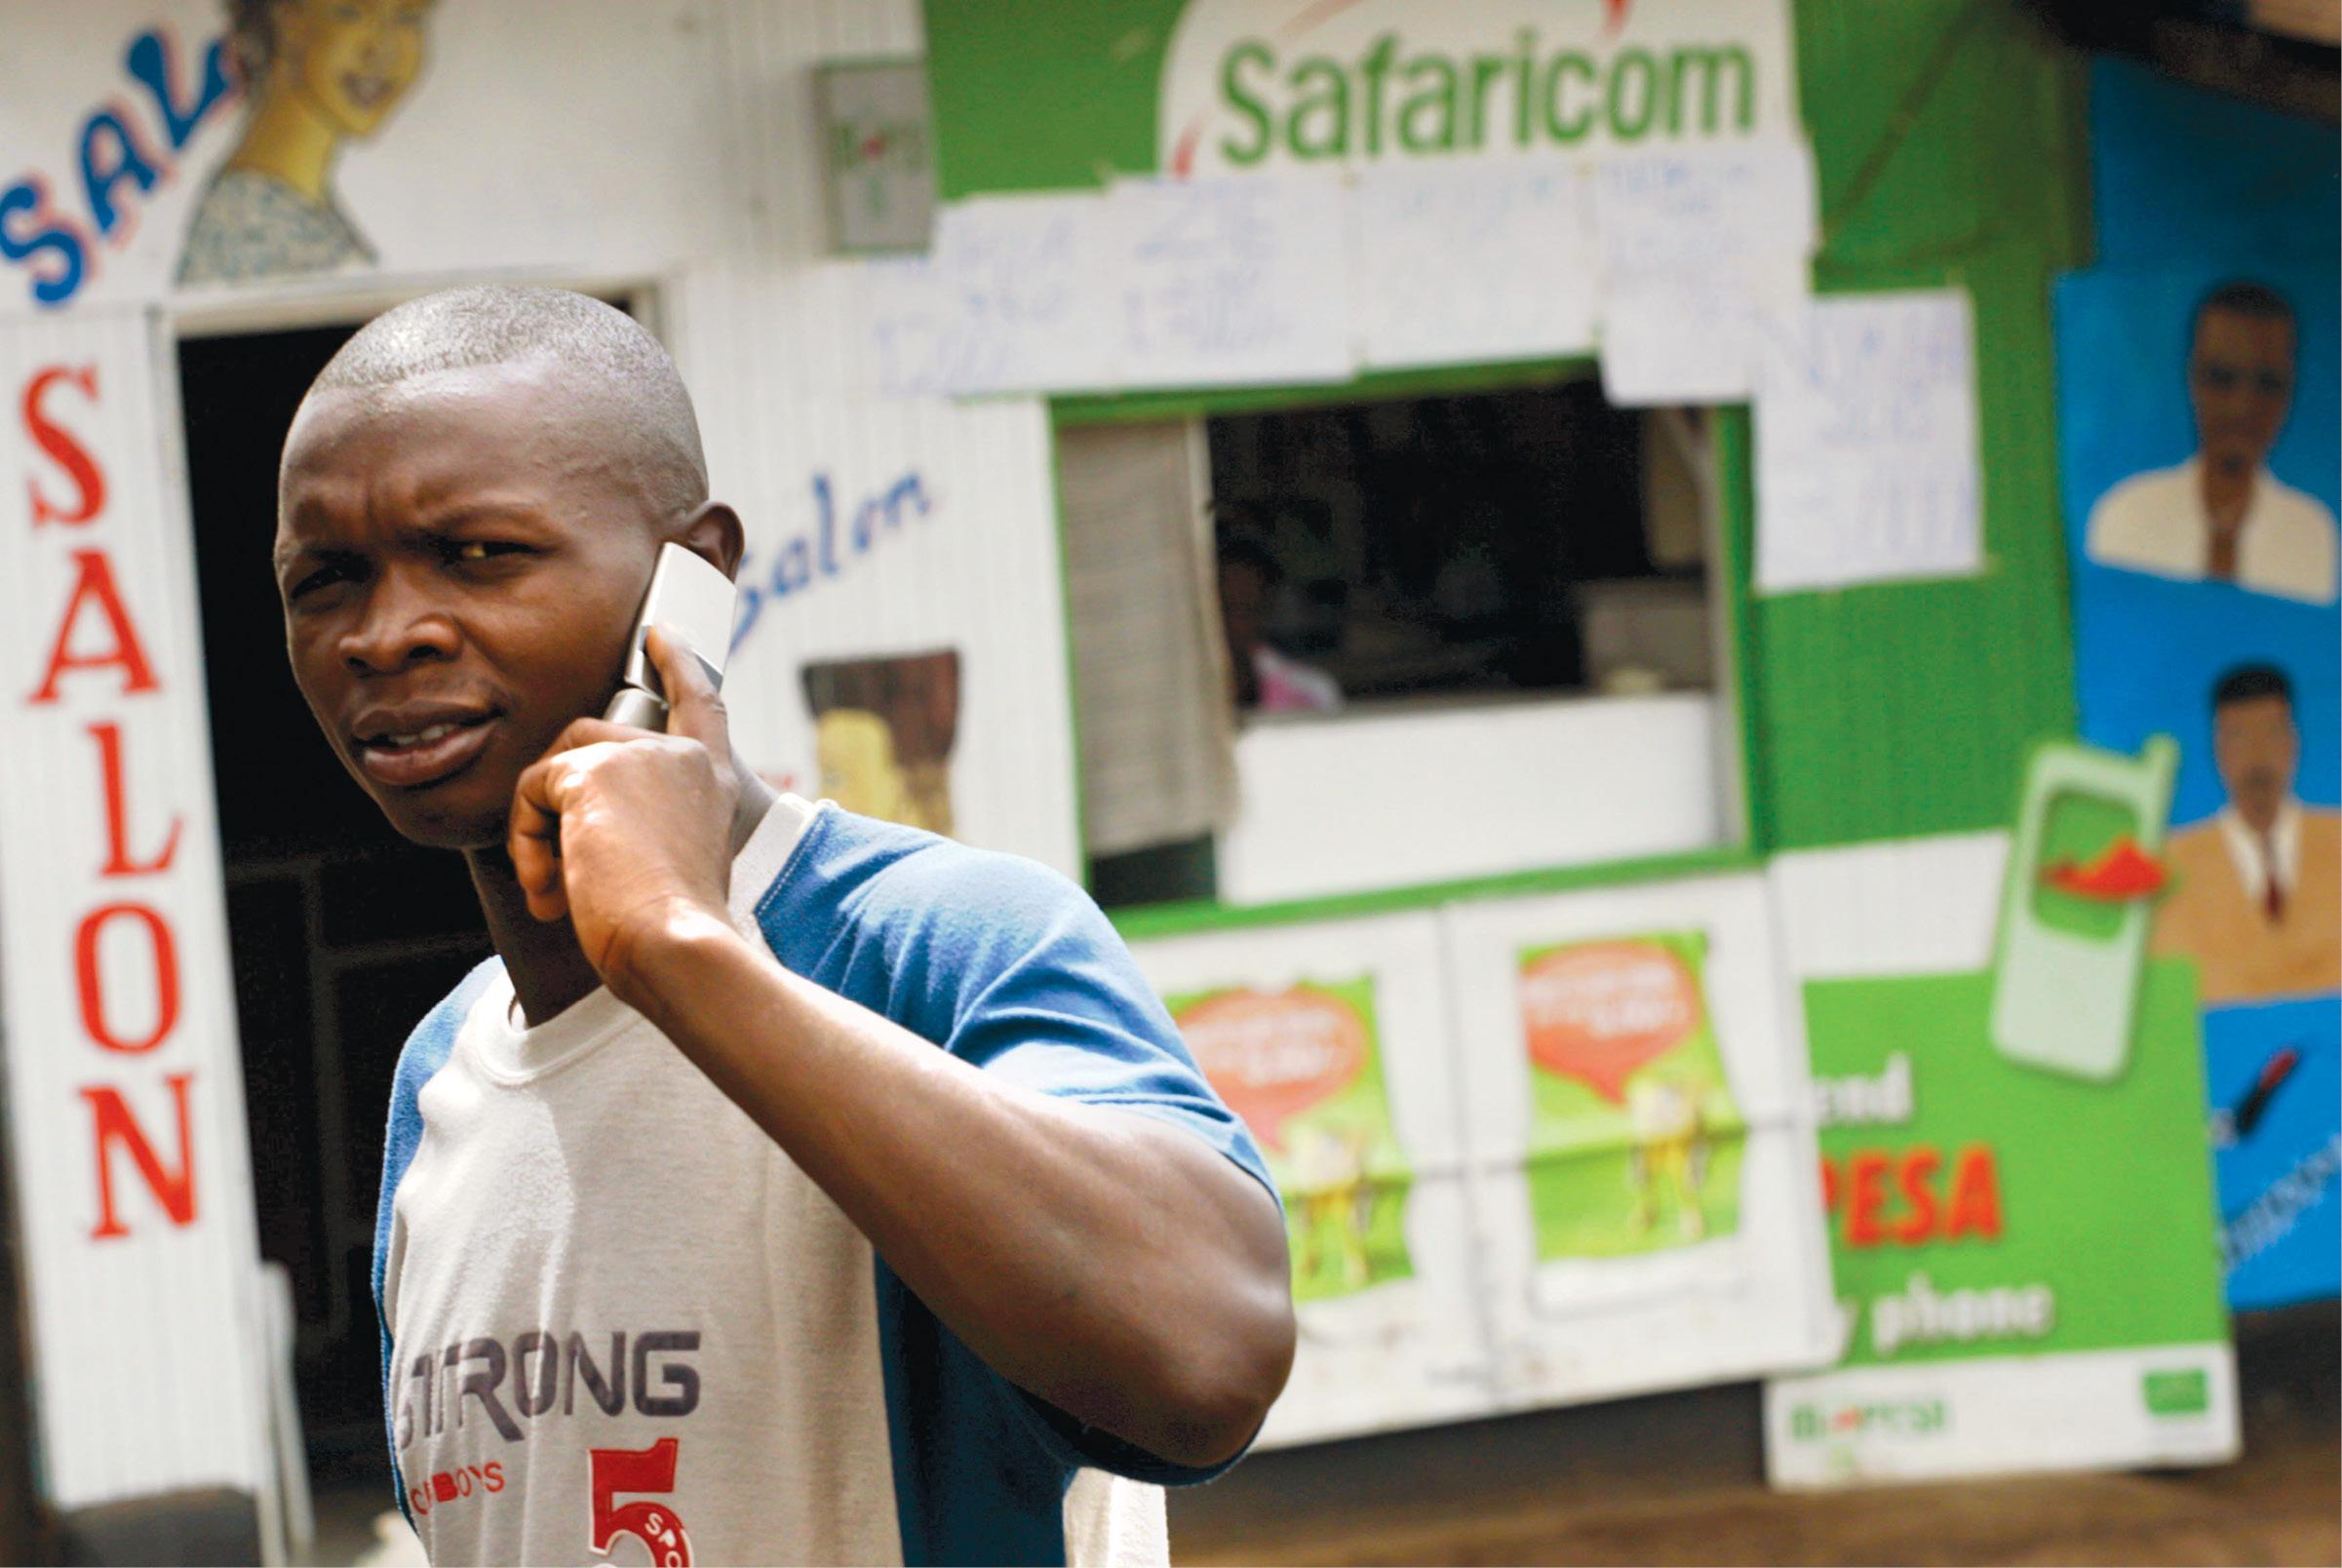 Safaricom Aktie